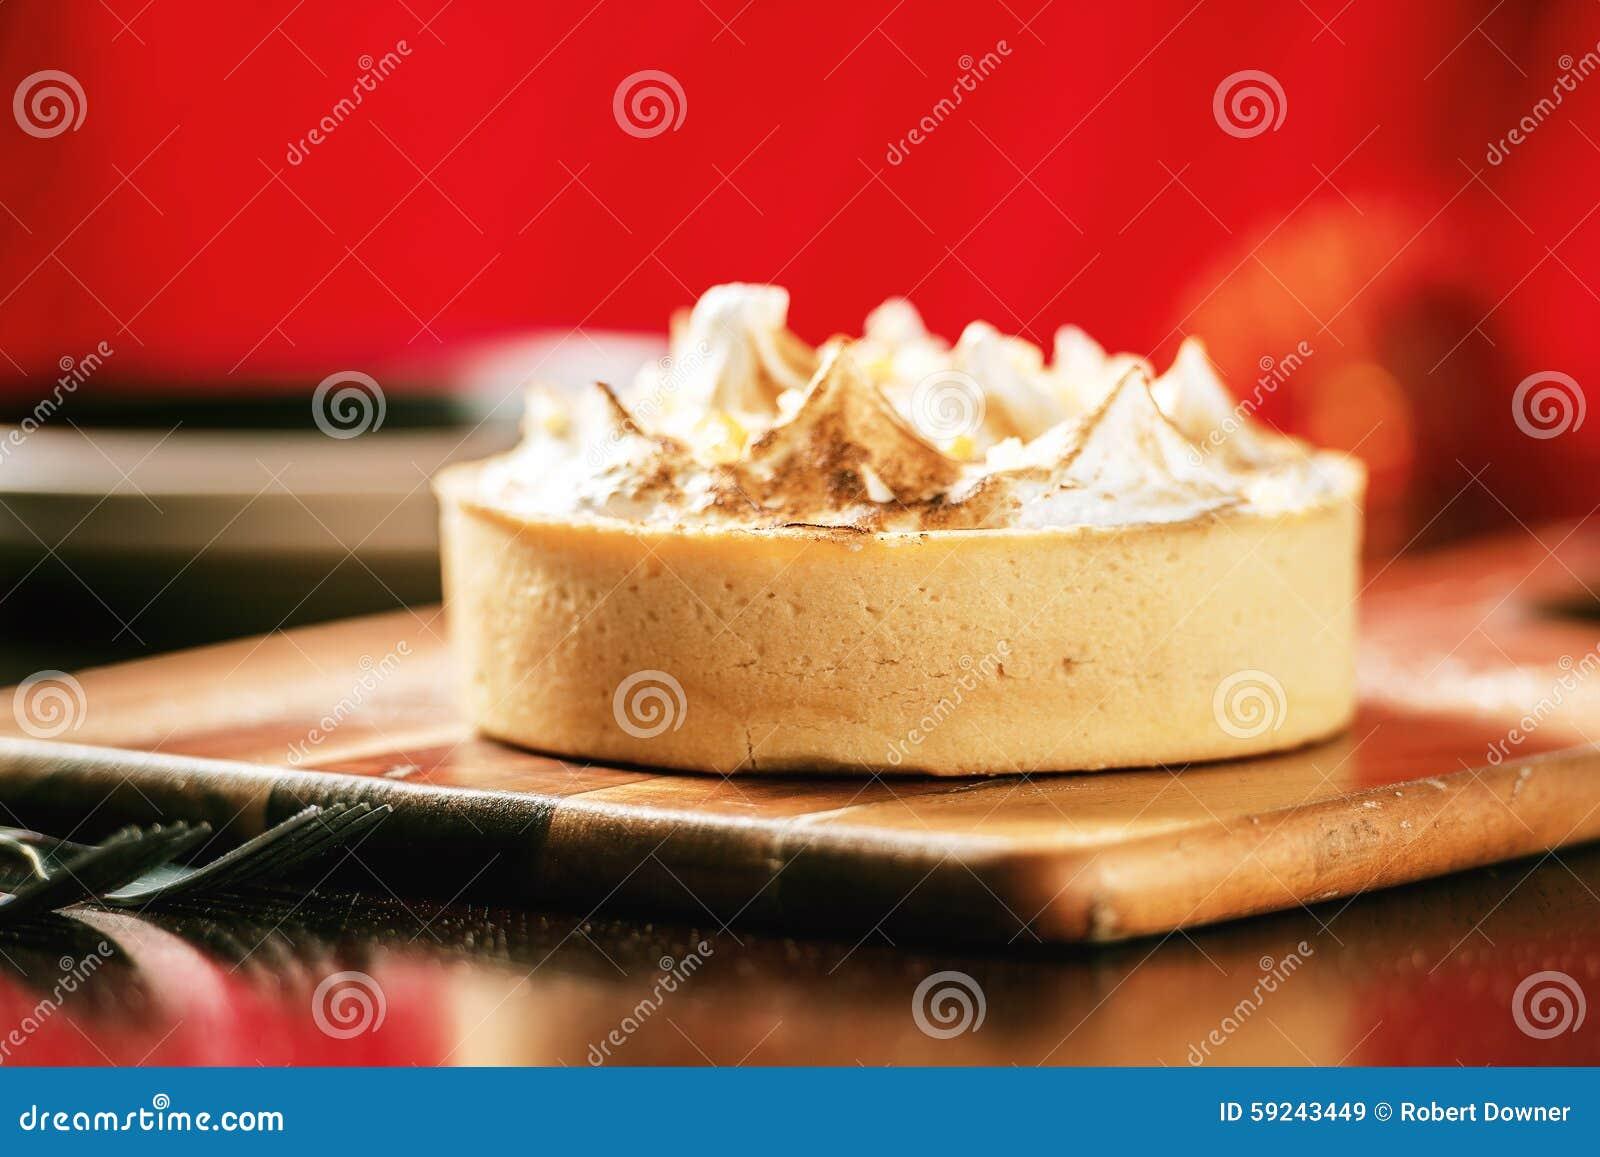 Empanada de merengue de limón